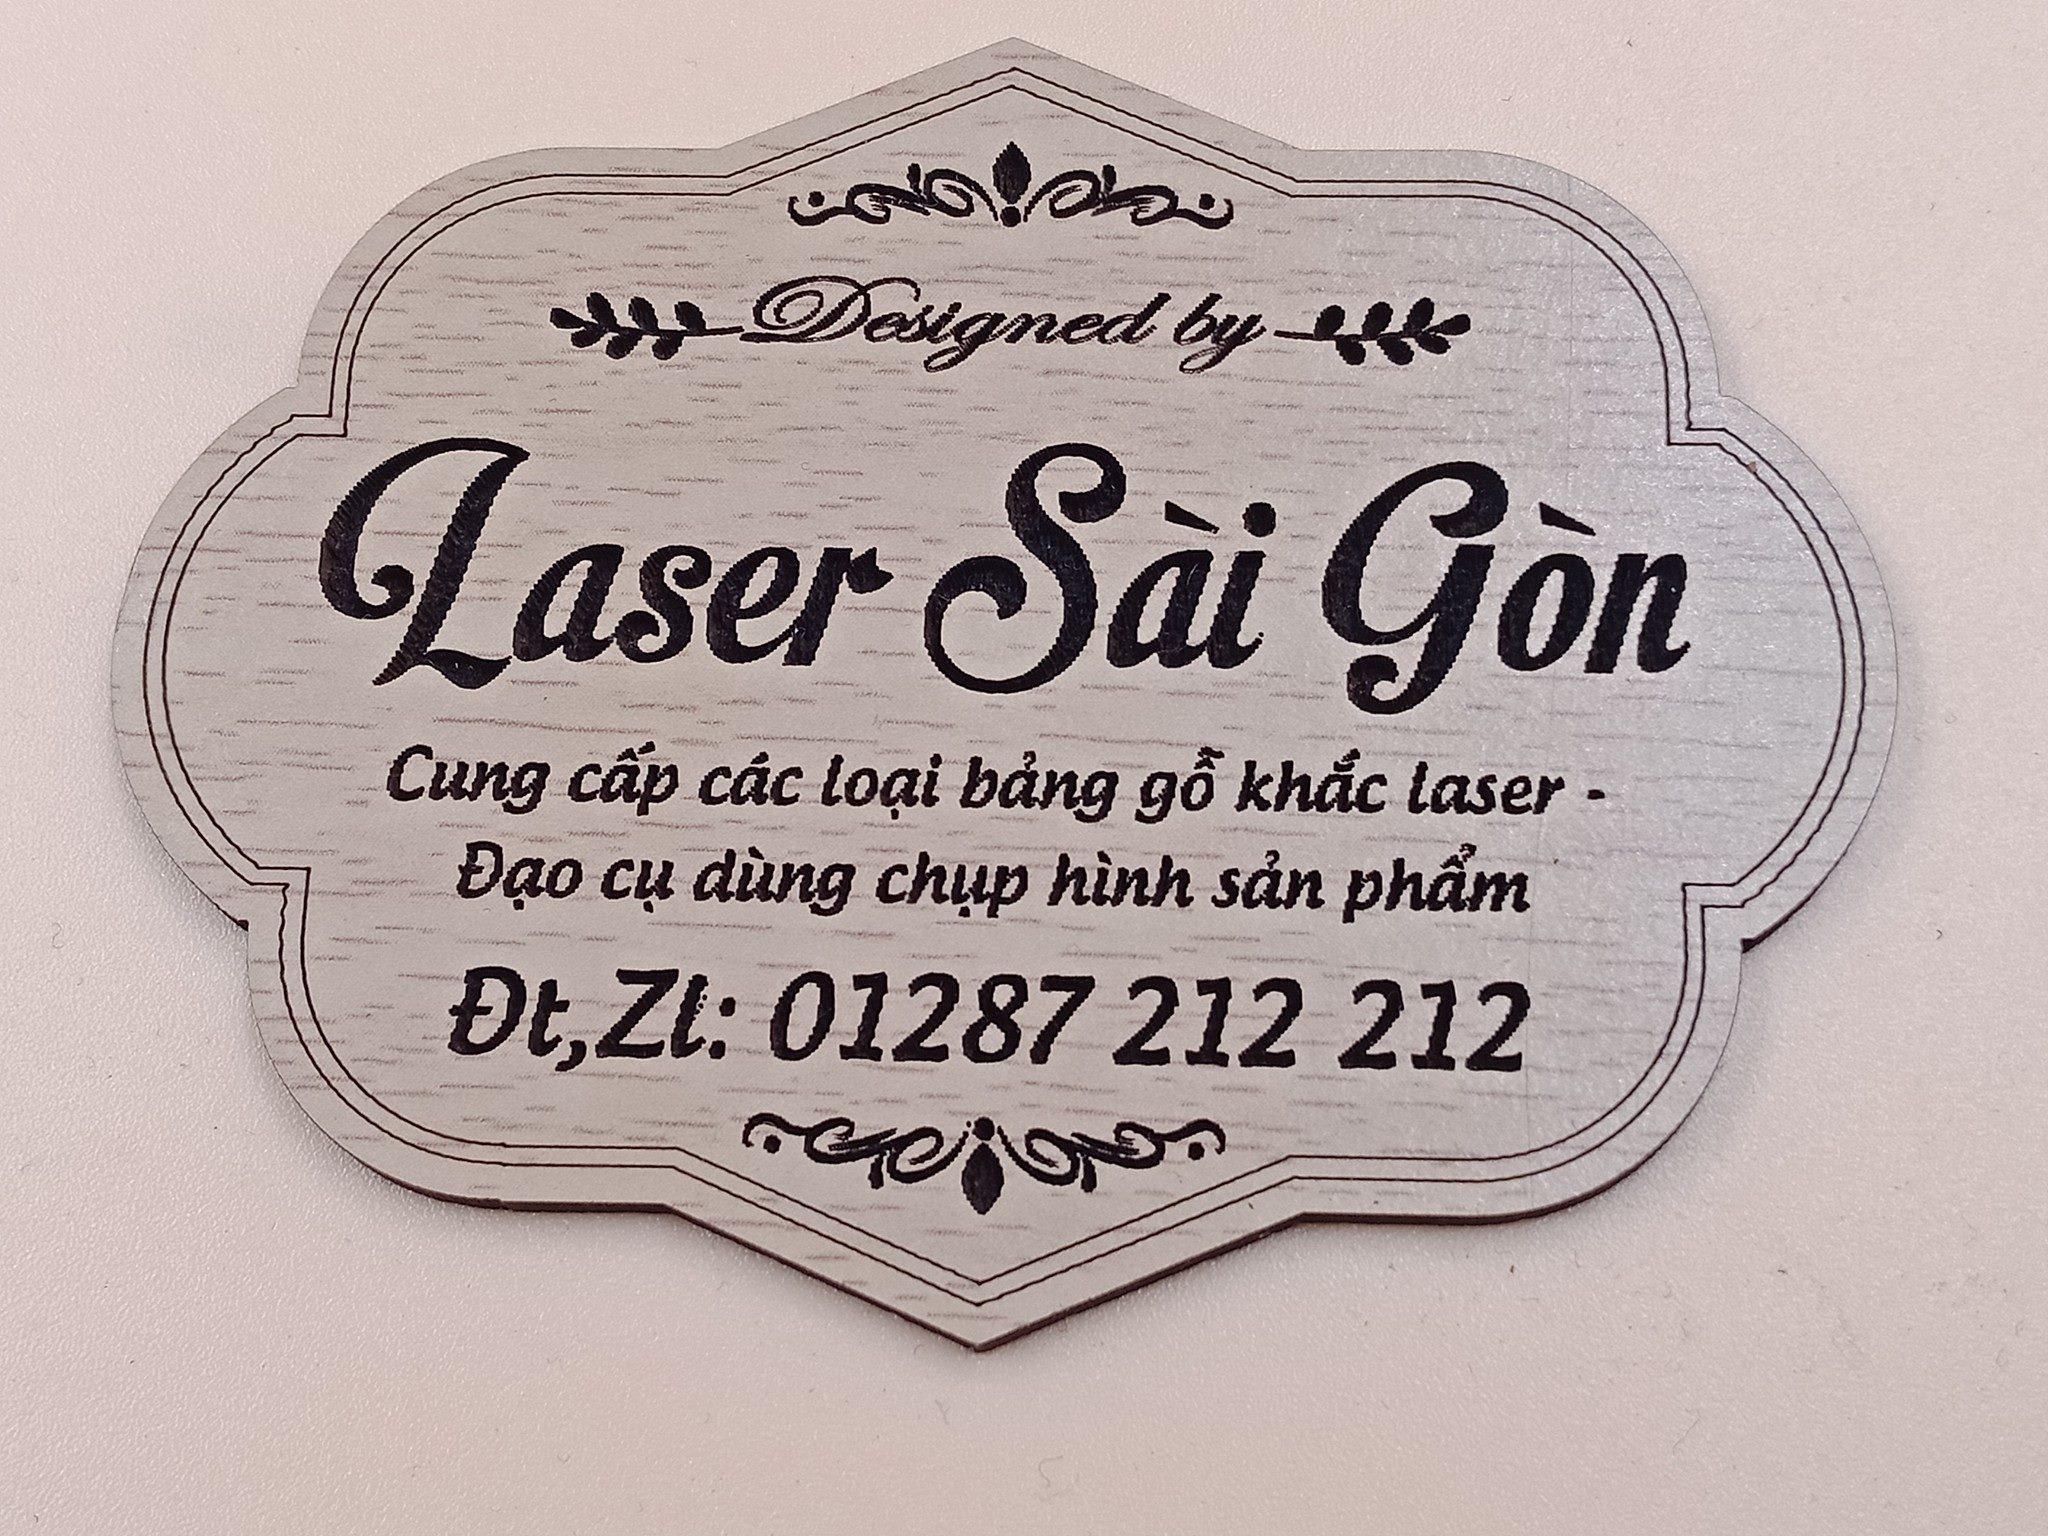 Bảng hiệu được khắc laser từ gỗ